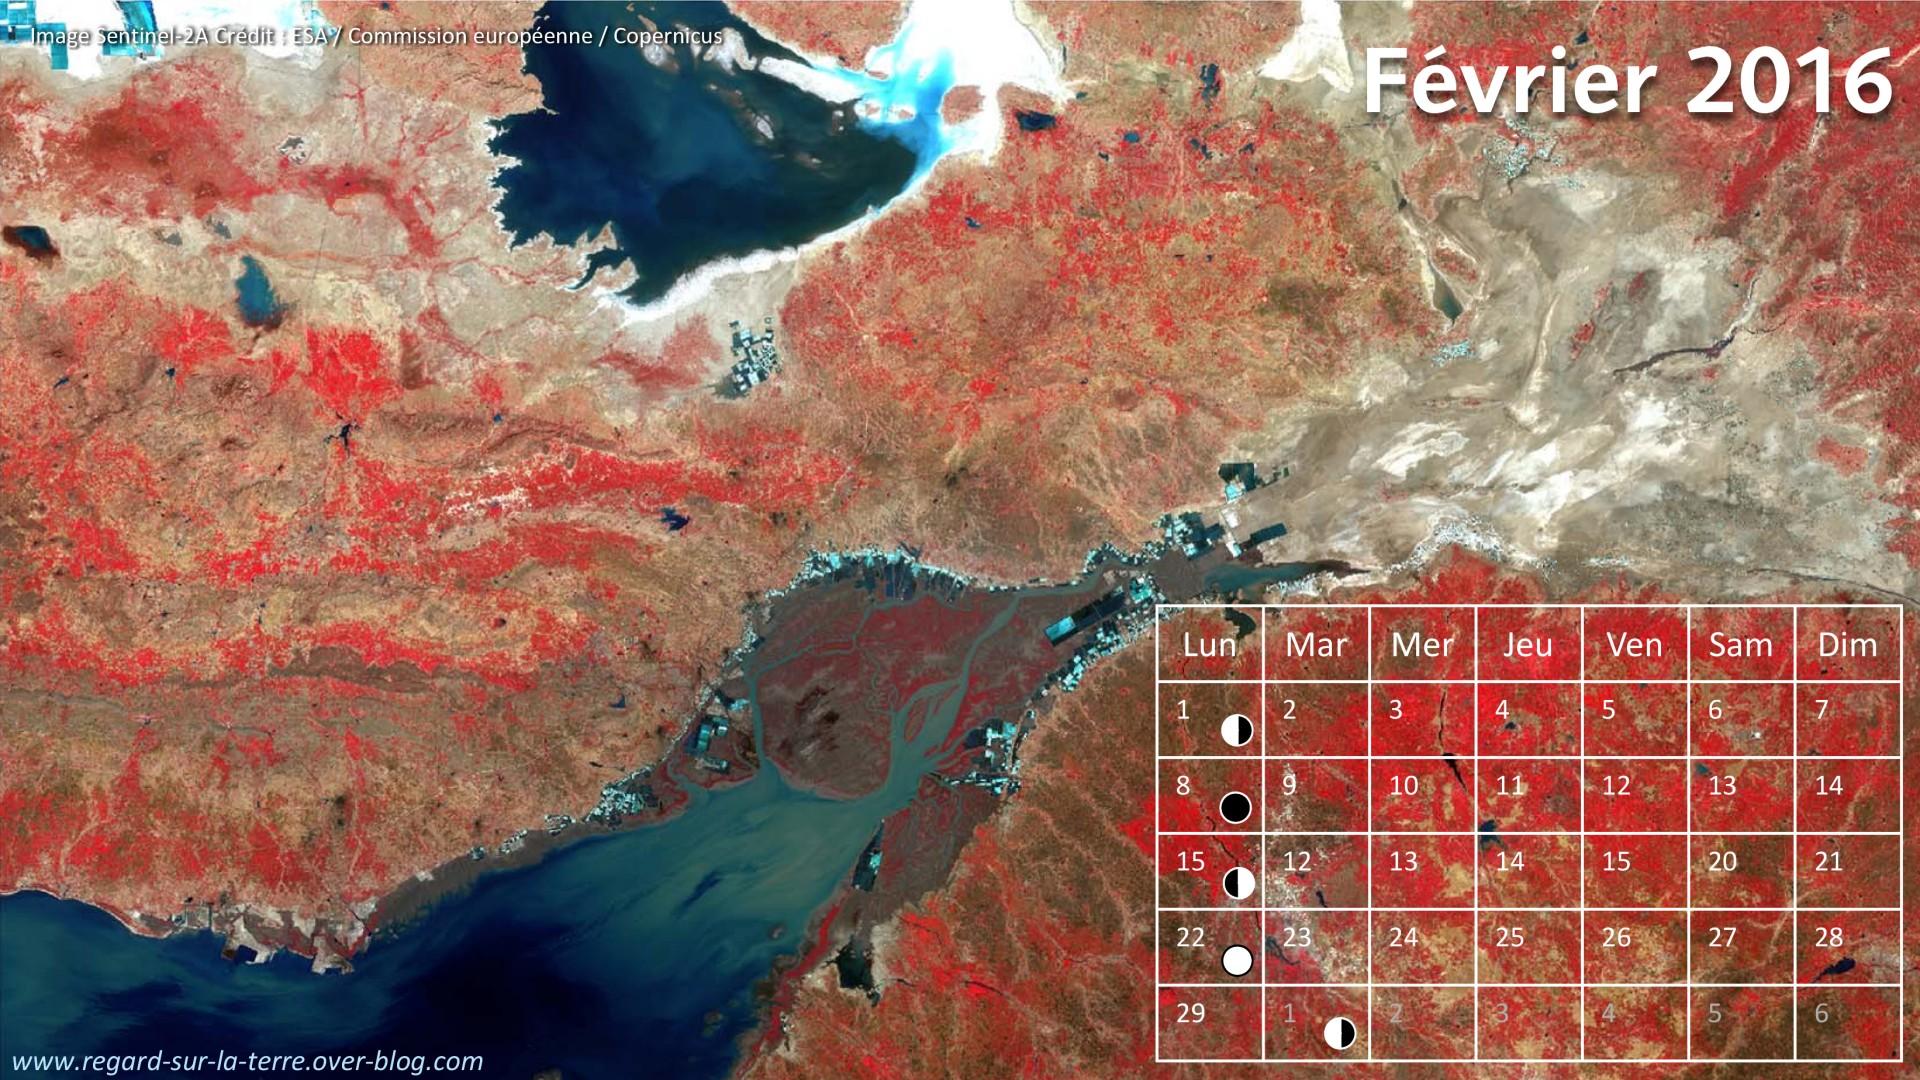 Calendrier spatial - Février 2016 - Sentinel-2 - Gole de Kutch - Rann de Kutch - Inde - Pakistan